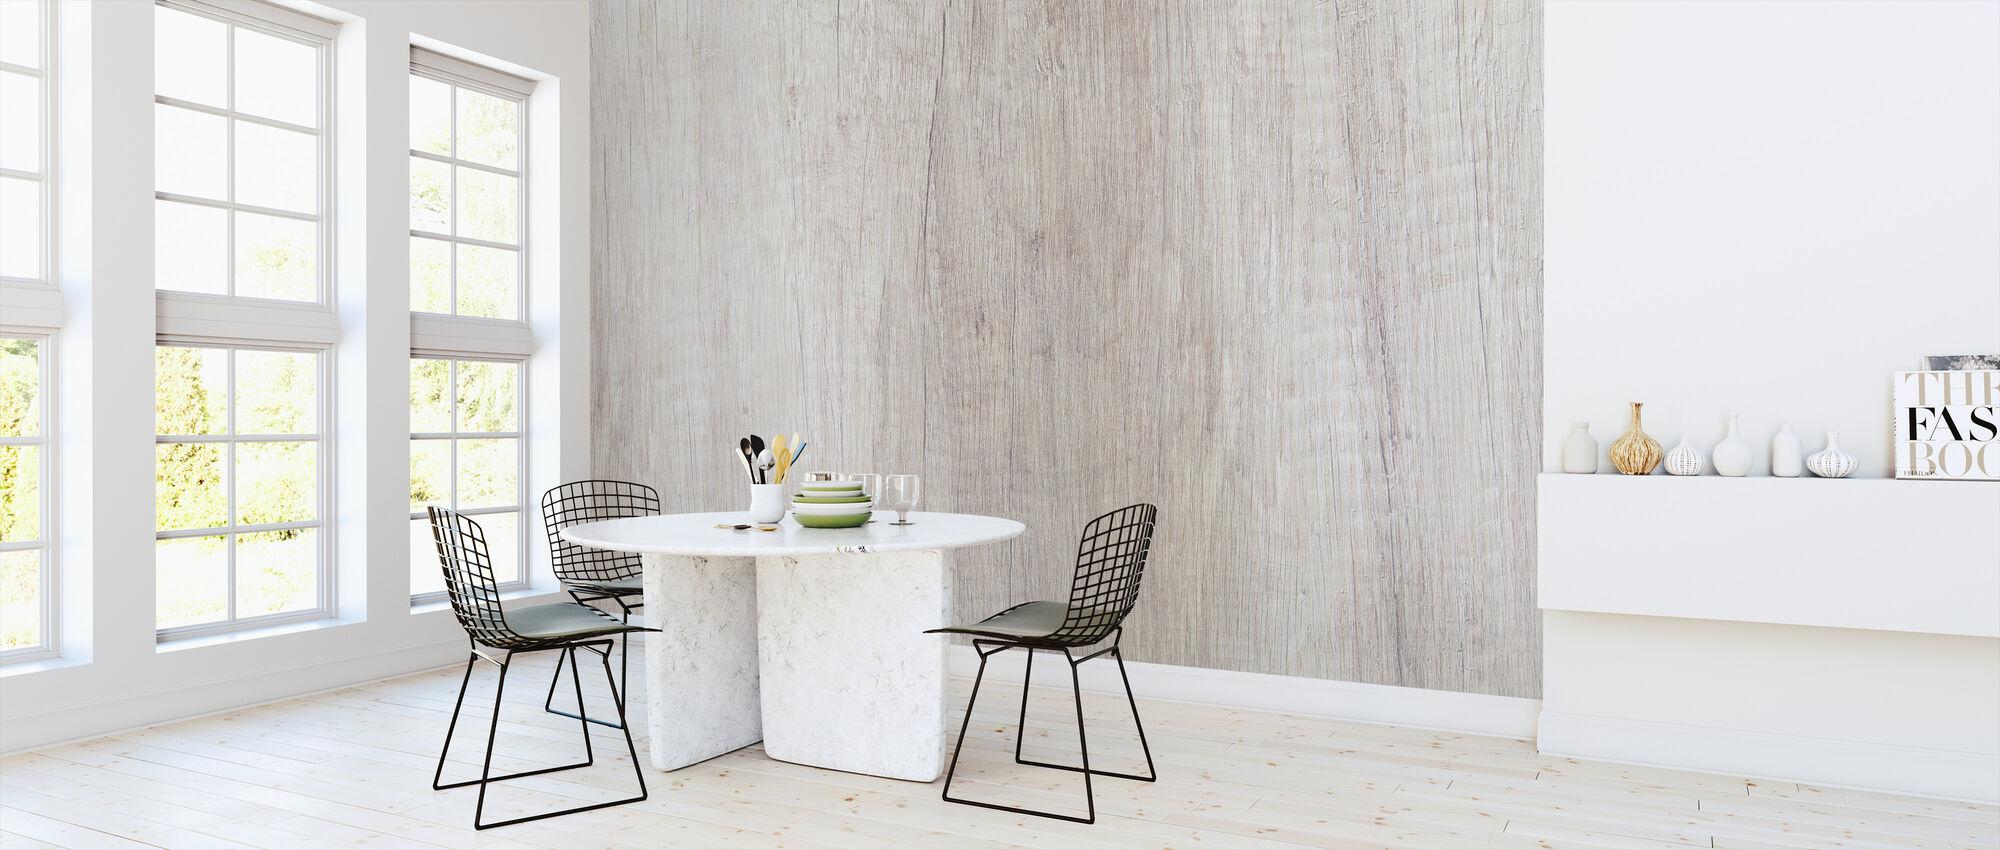 Rustikales Holz - Tapete - Küchen